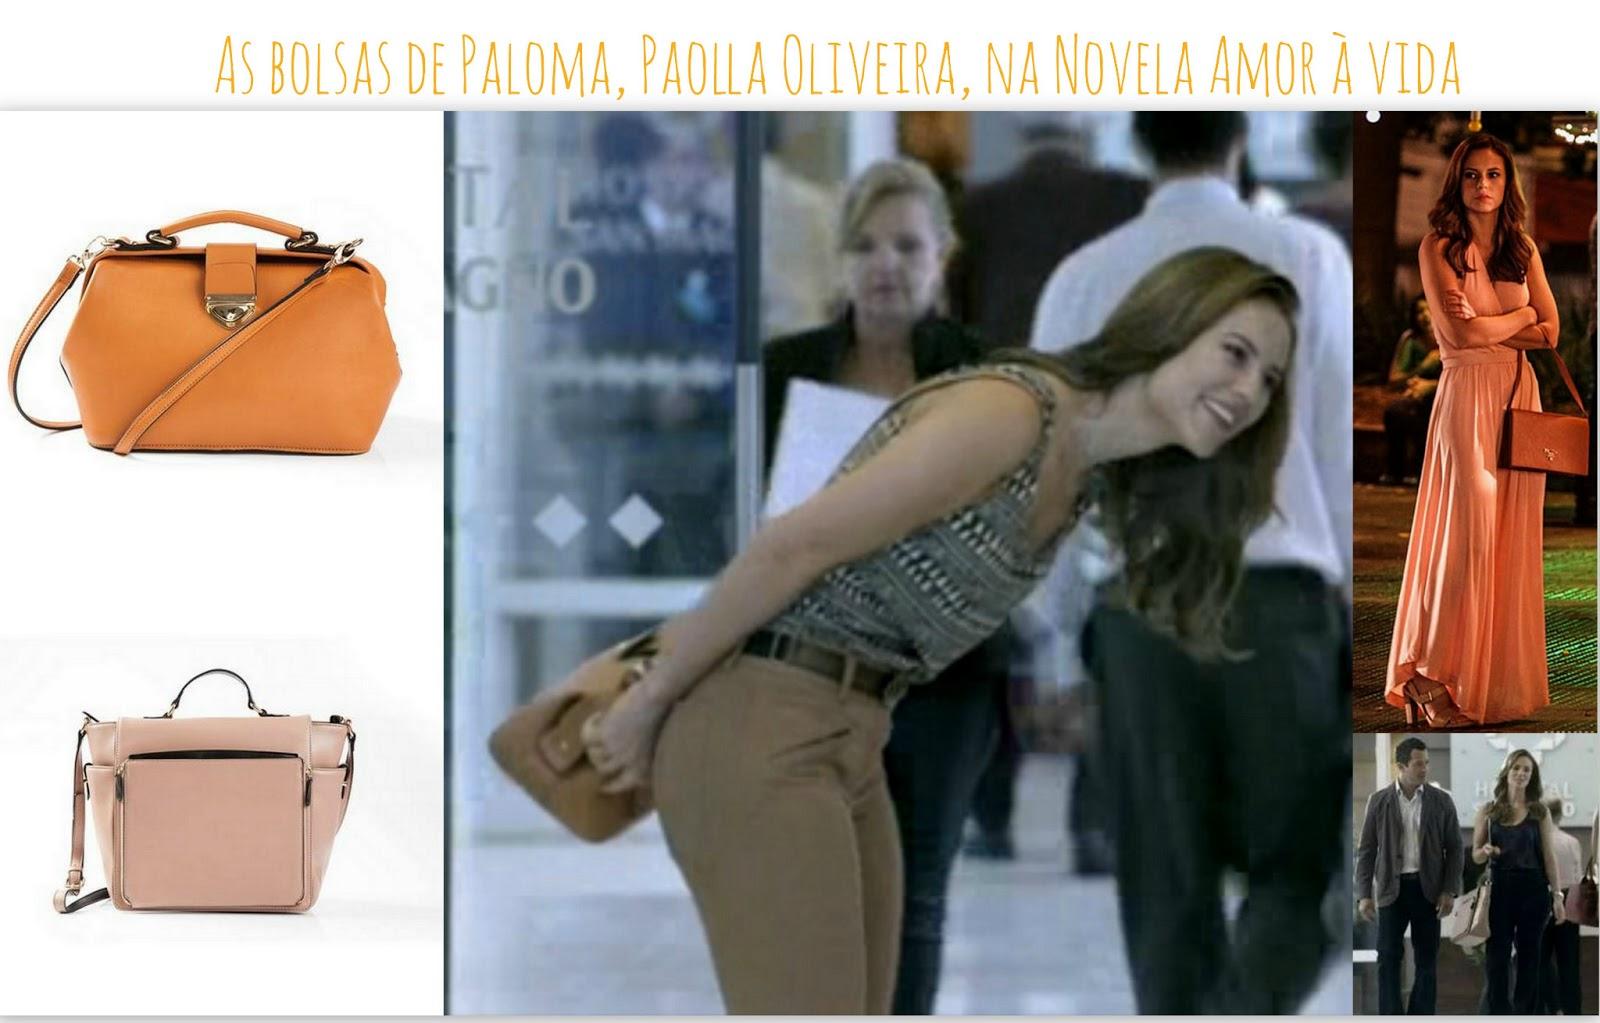 As bolsas de Paloma, Paolla Oliveira, na Novela Amor à vida